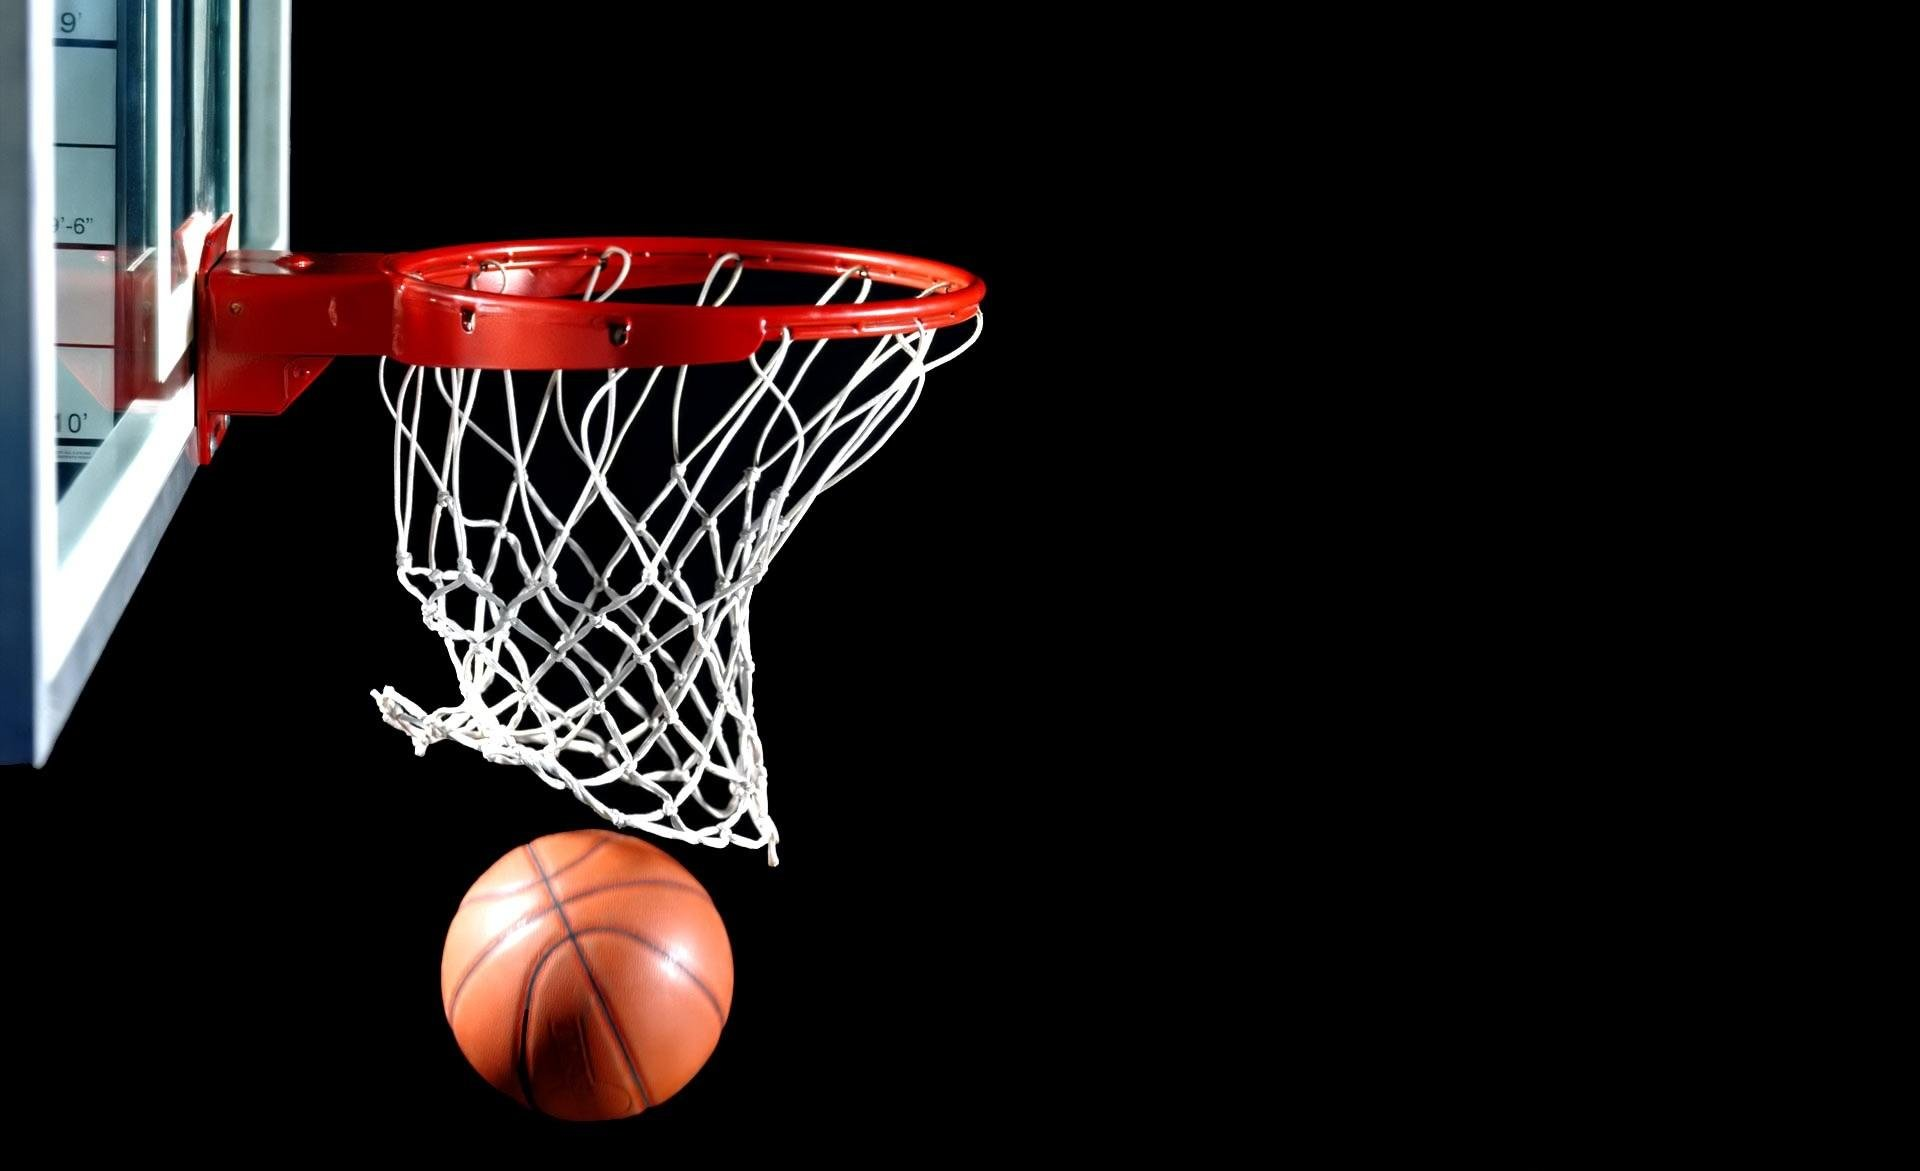 Сьомий тур української баскетбольної Суперліги подарував запорізьким глядачам одразу два домашніх матчі